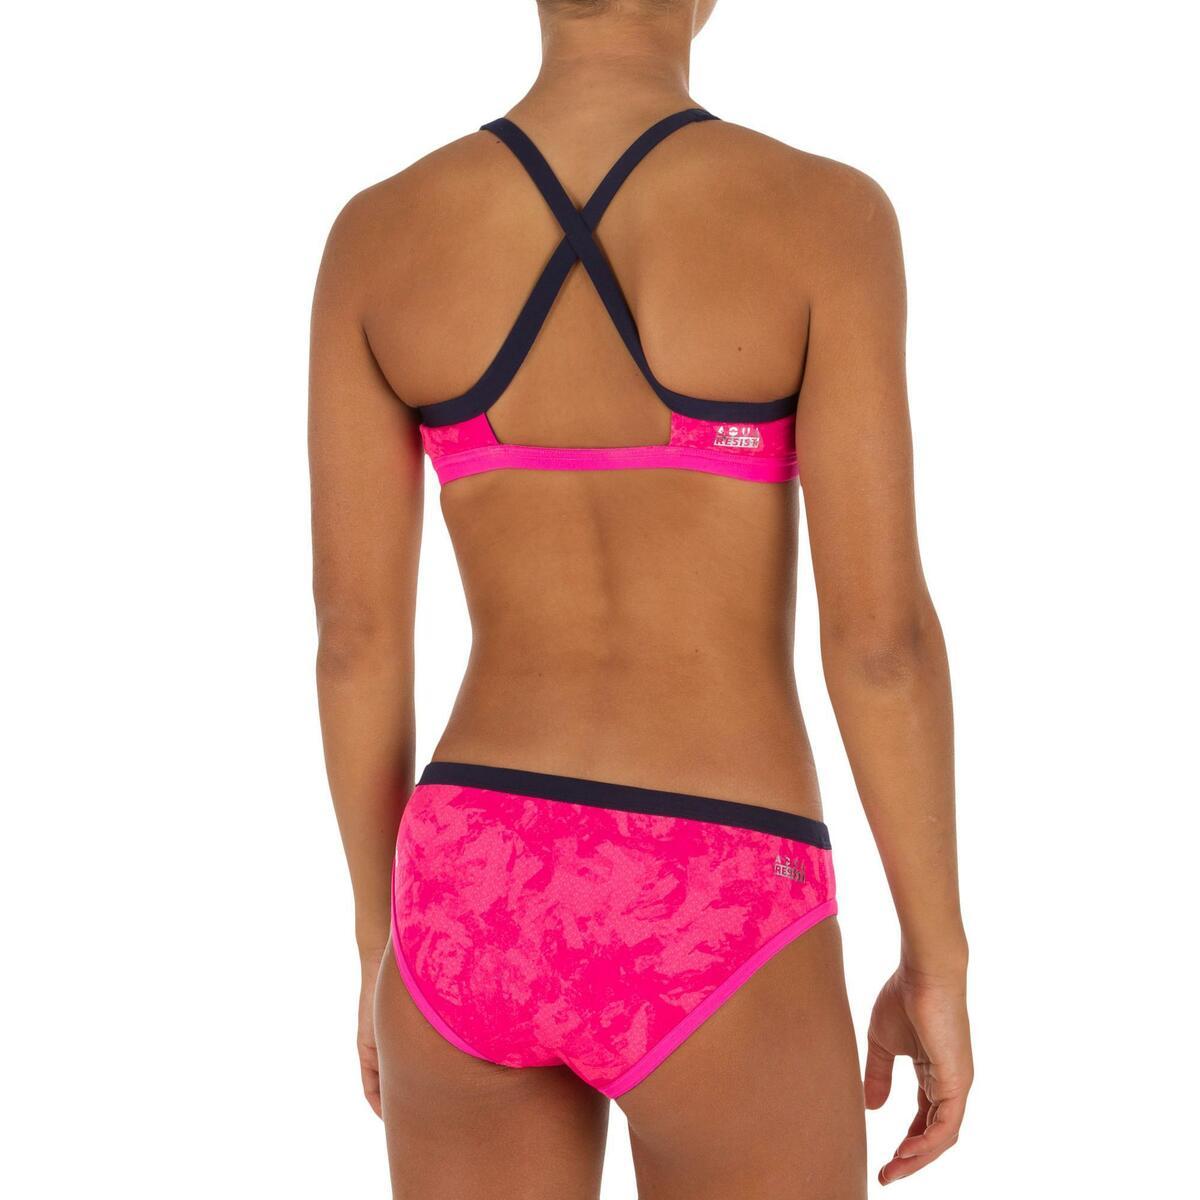 Bild 4 von Sportbikini Hose Jade Walo chlorresistent Mädchen pink